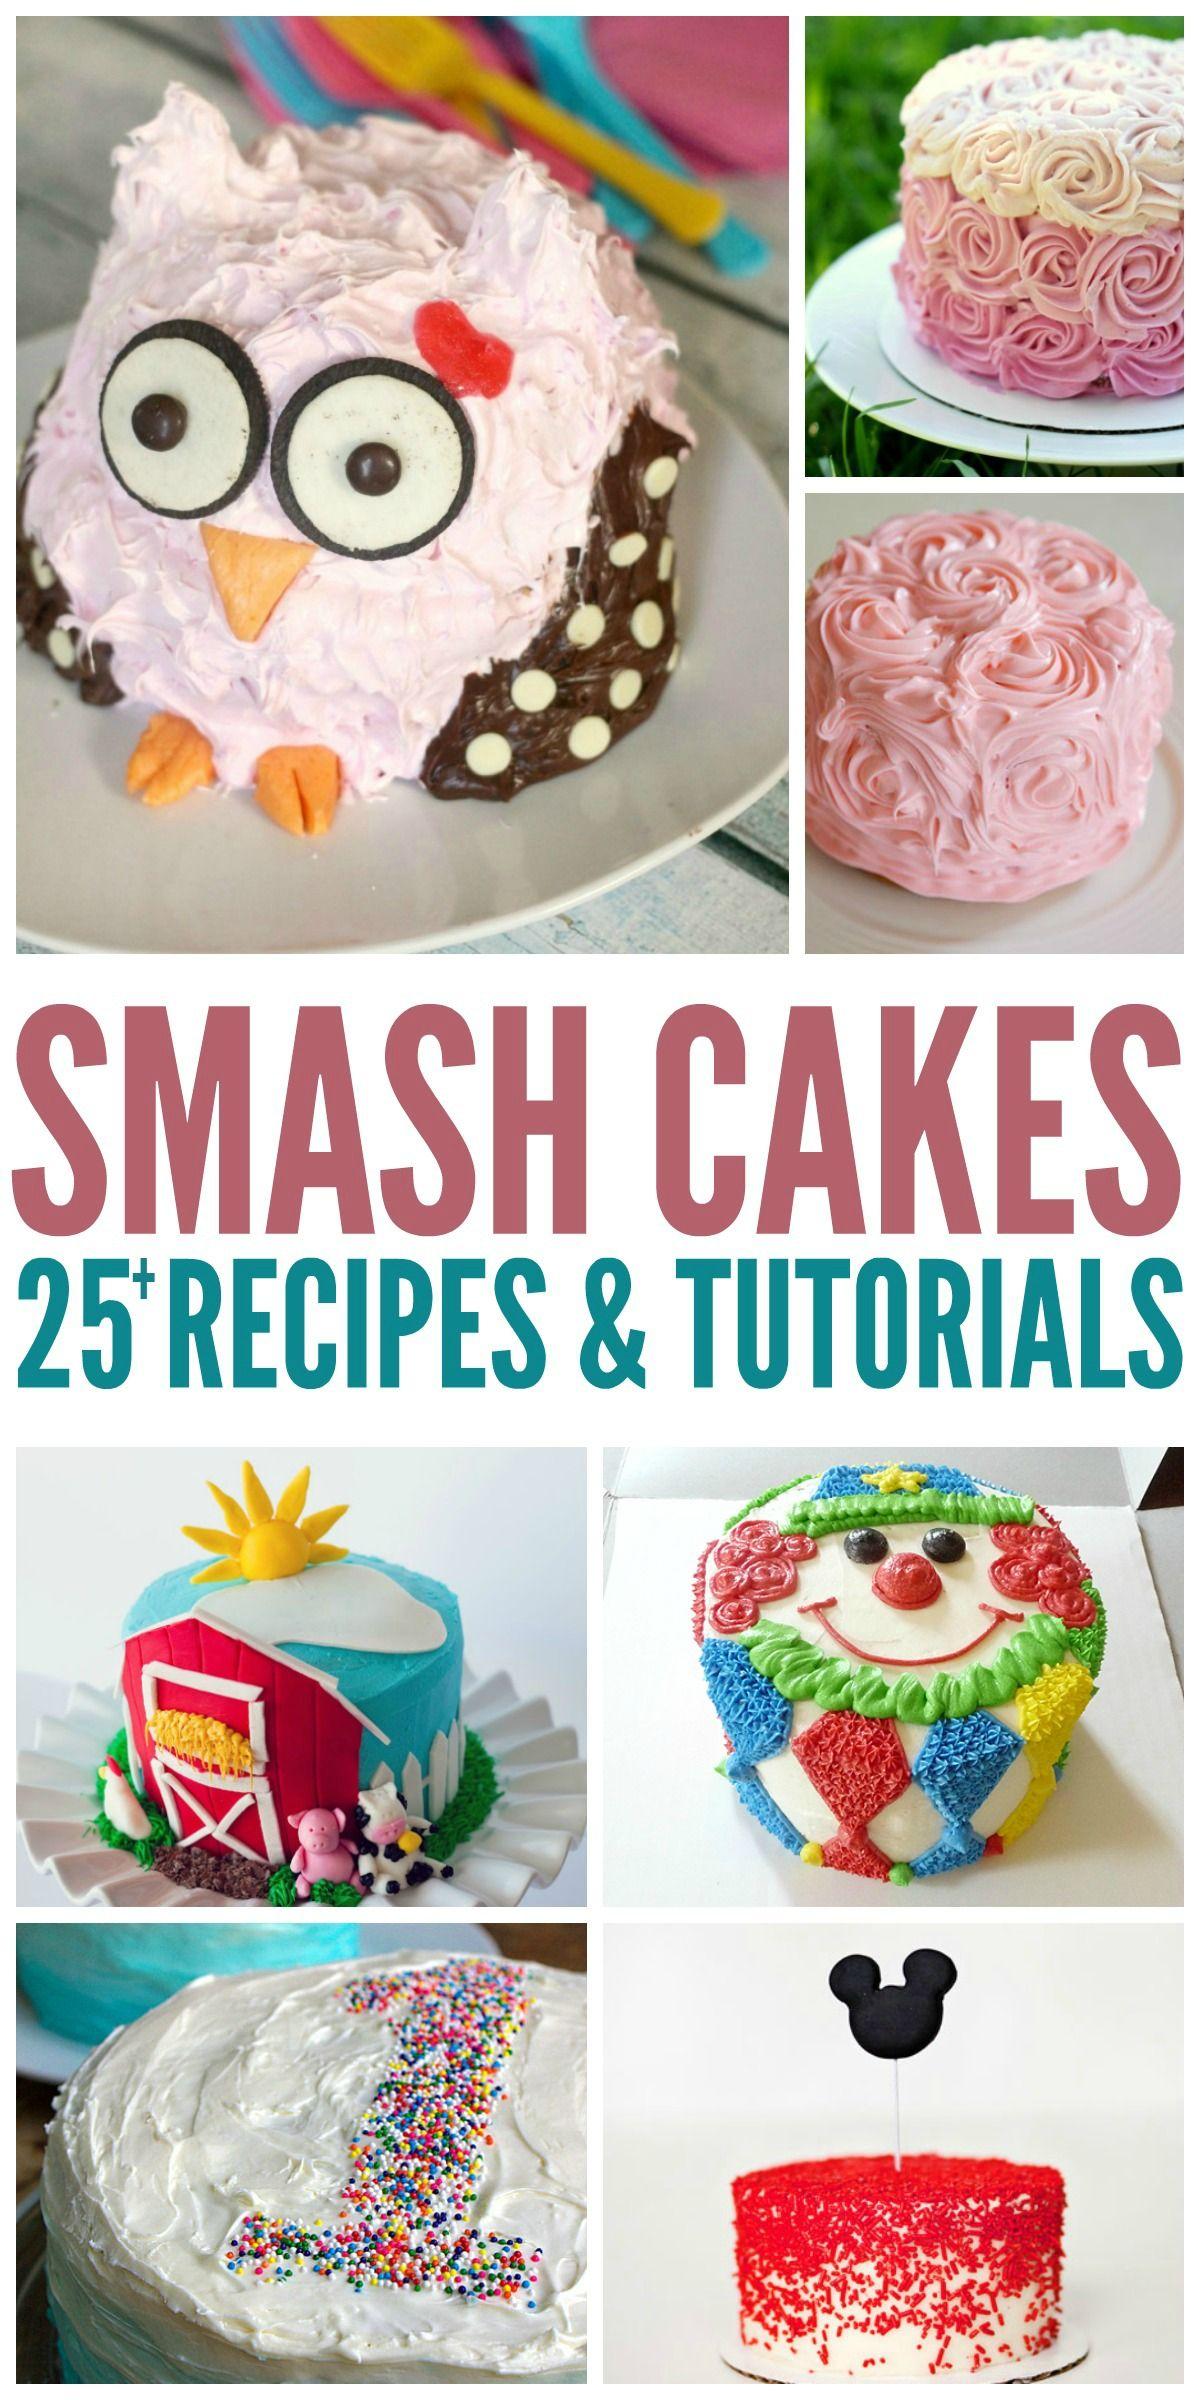 25 Smash Cake Recipes Tutorials Smash cake recipes Smash